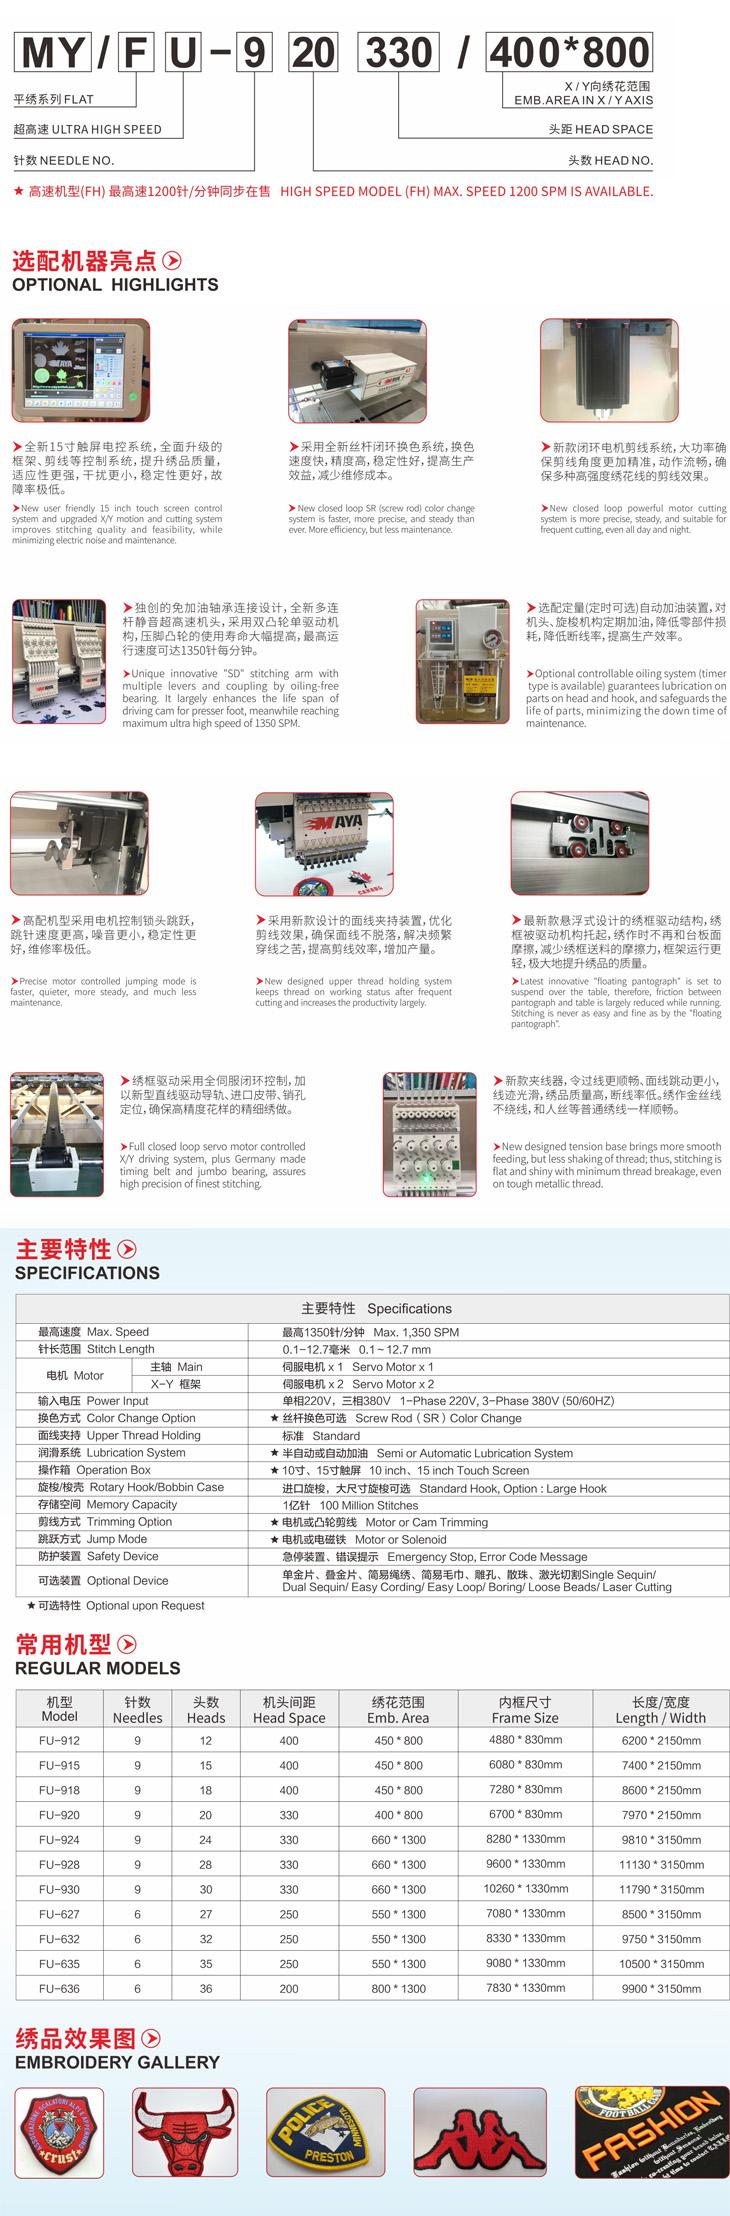 西藏哪里有压折机压褶机生产厂家_质量好棉麻毛初加工设备加工-成都红绣机电设备有限公司